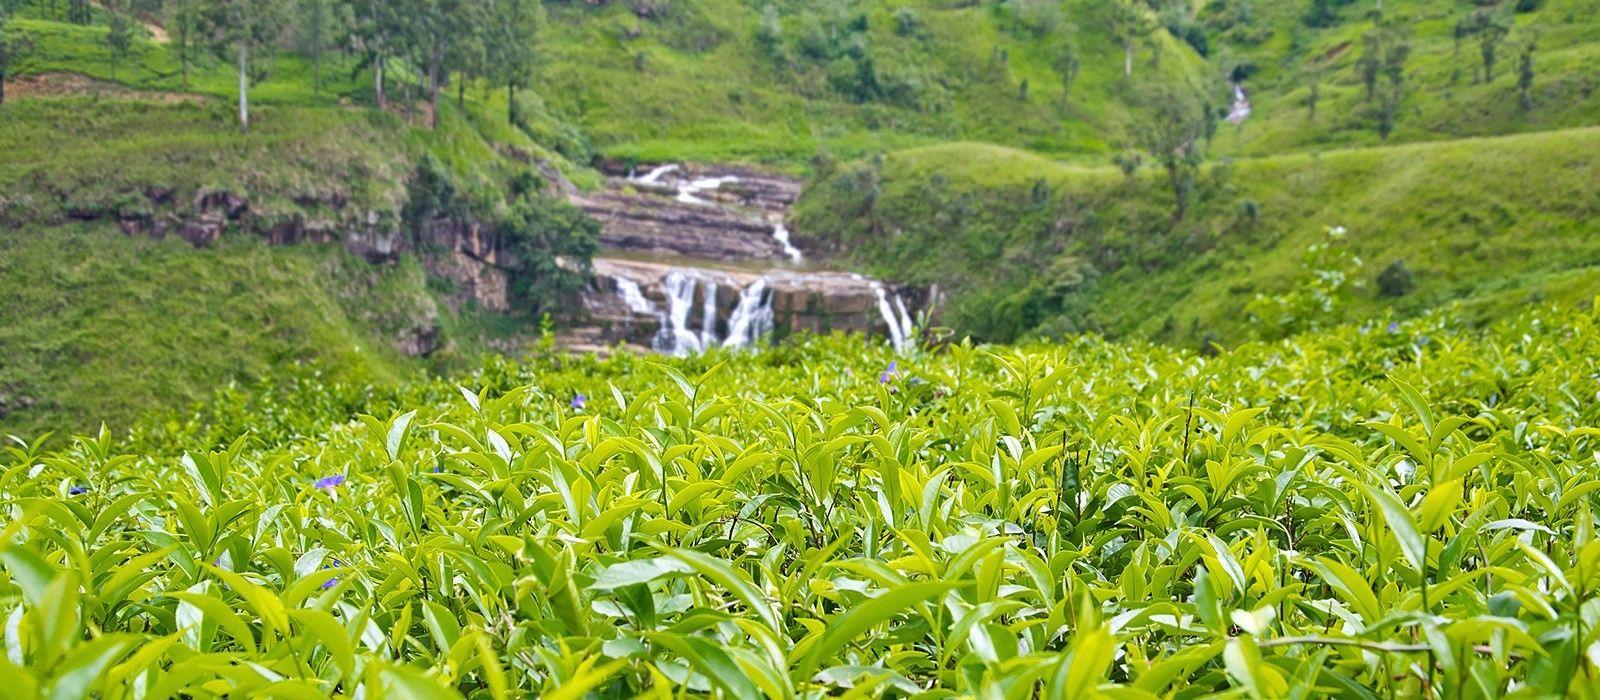 View at Nuwara eliya